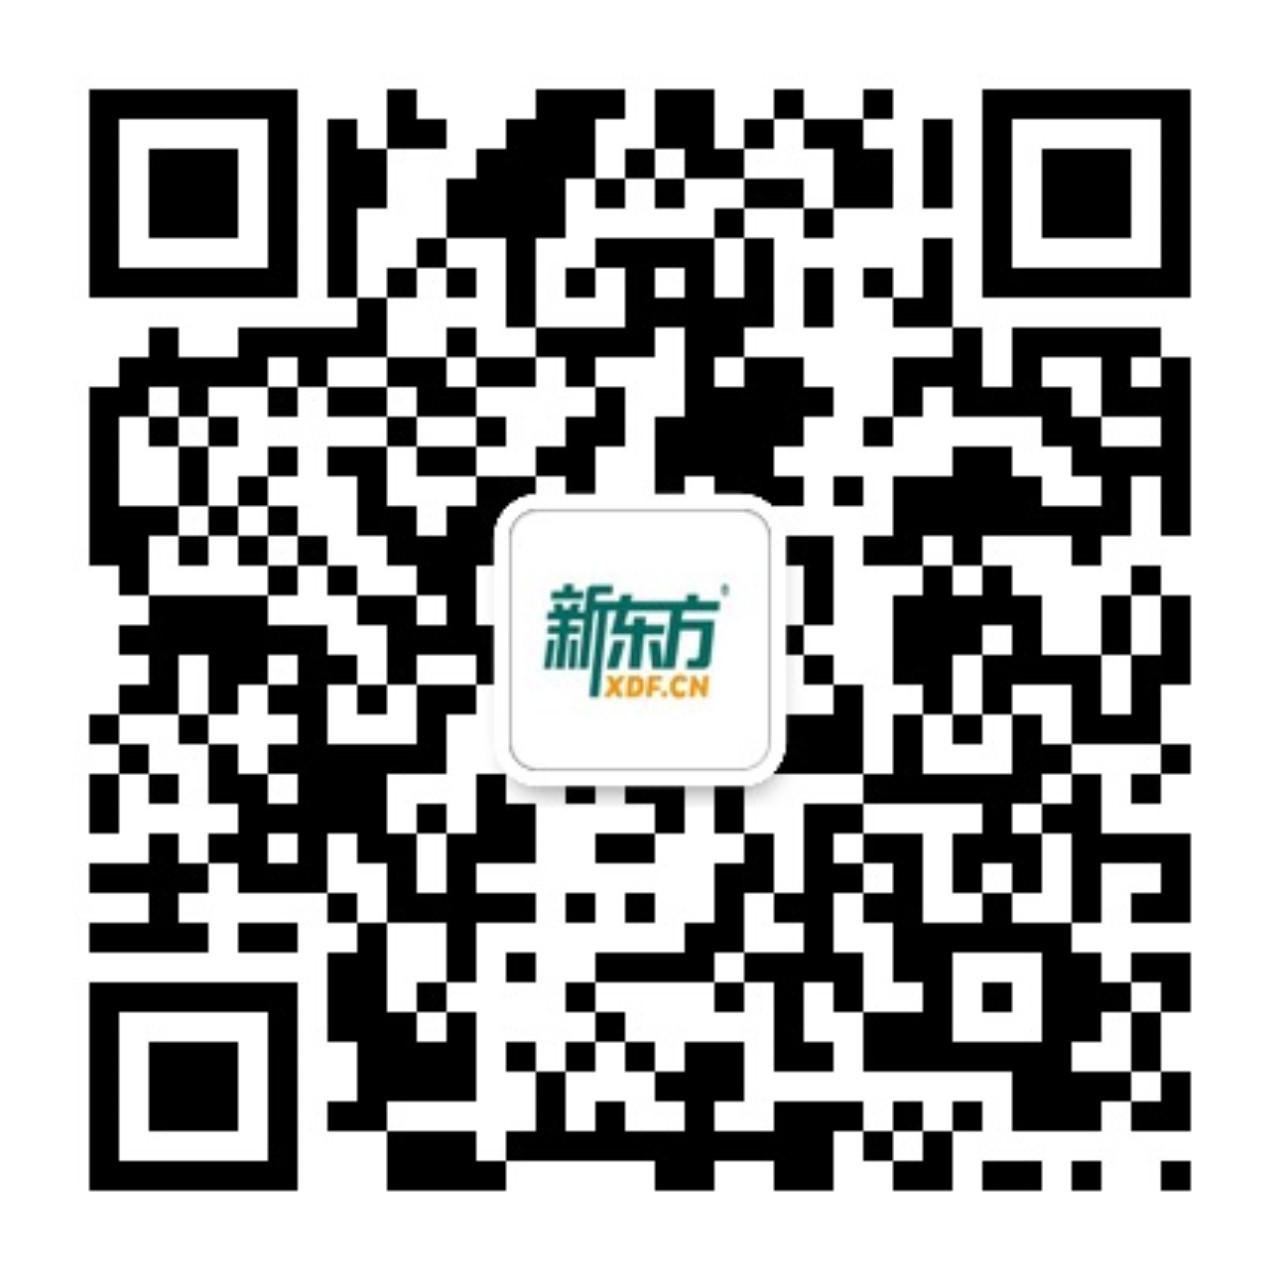 新东方招聘官方微信号